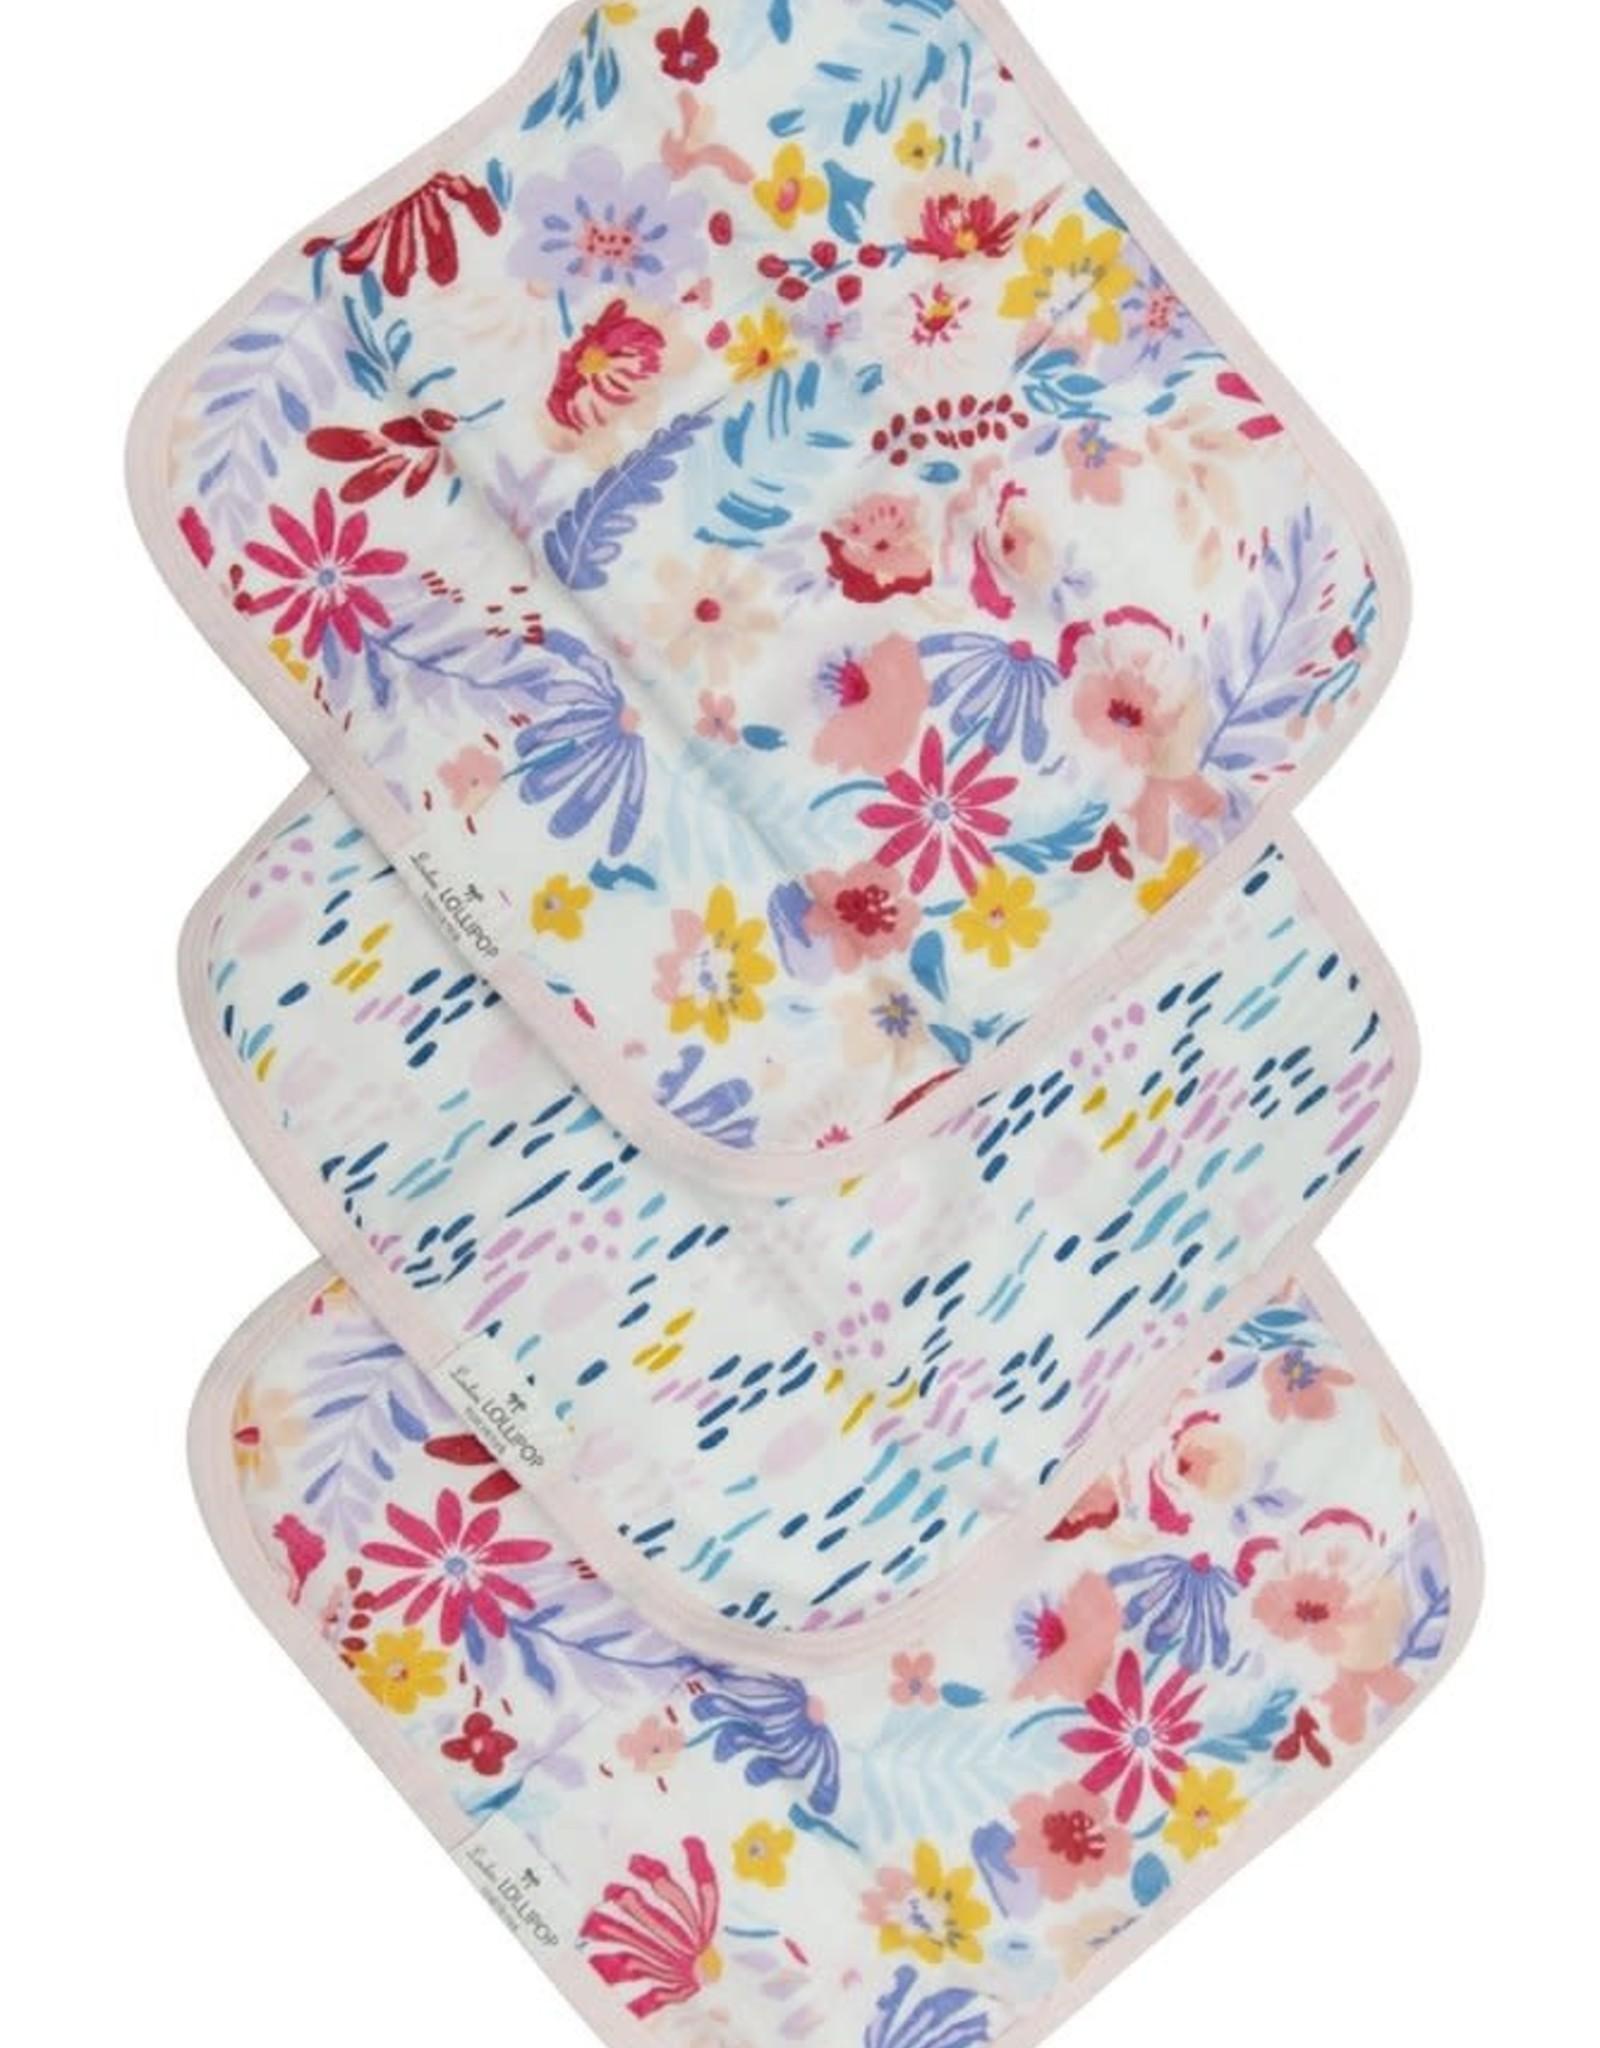 LouLou Lollipop LoulouLOLLIPOP Washcloth 3-Pieces Set Light Field Flowers